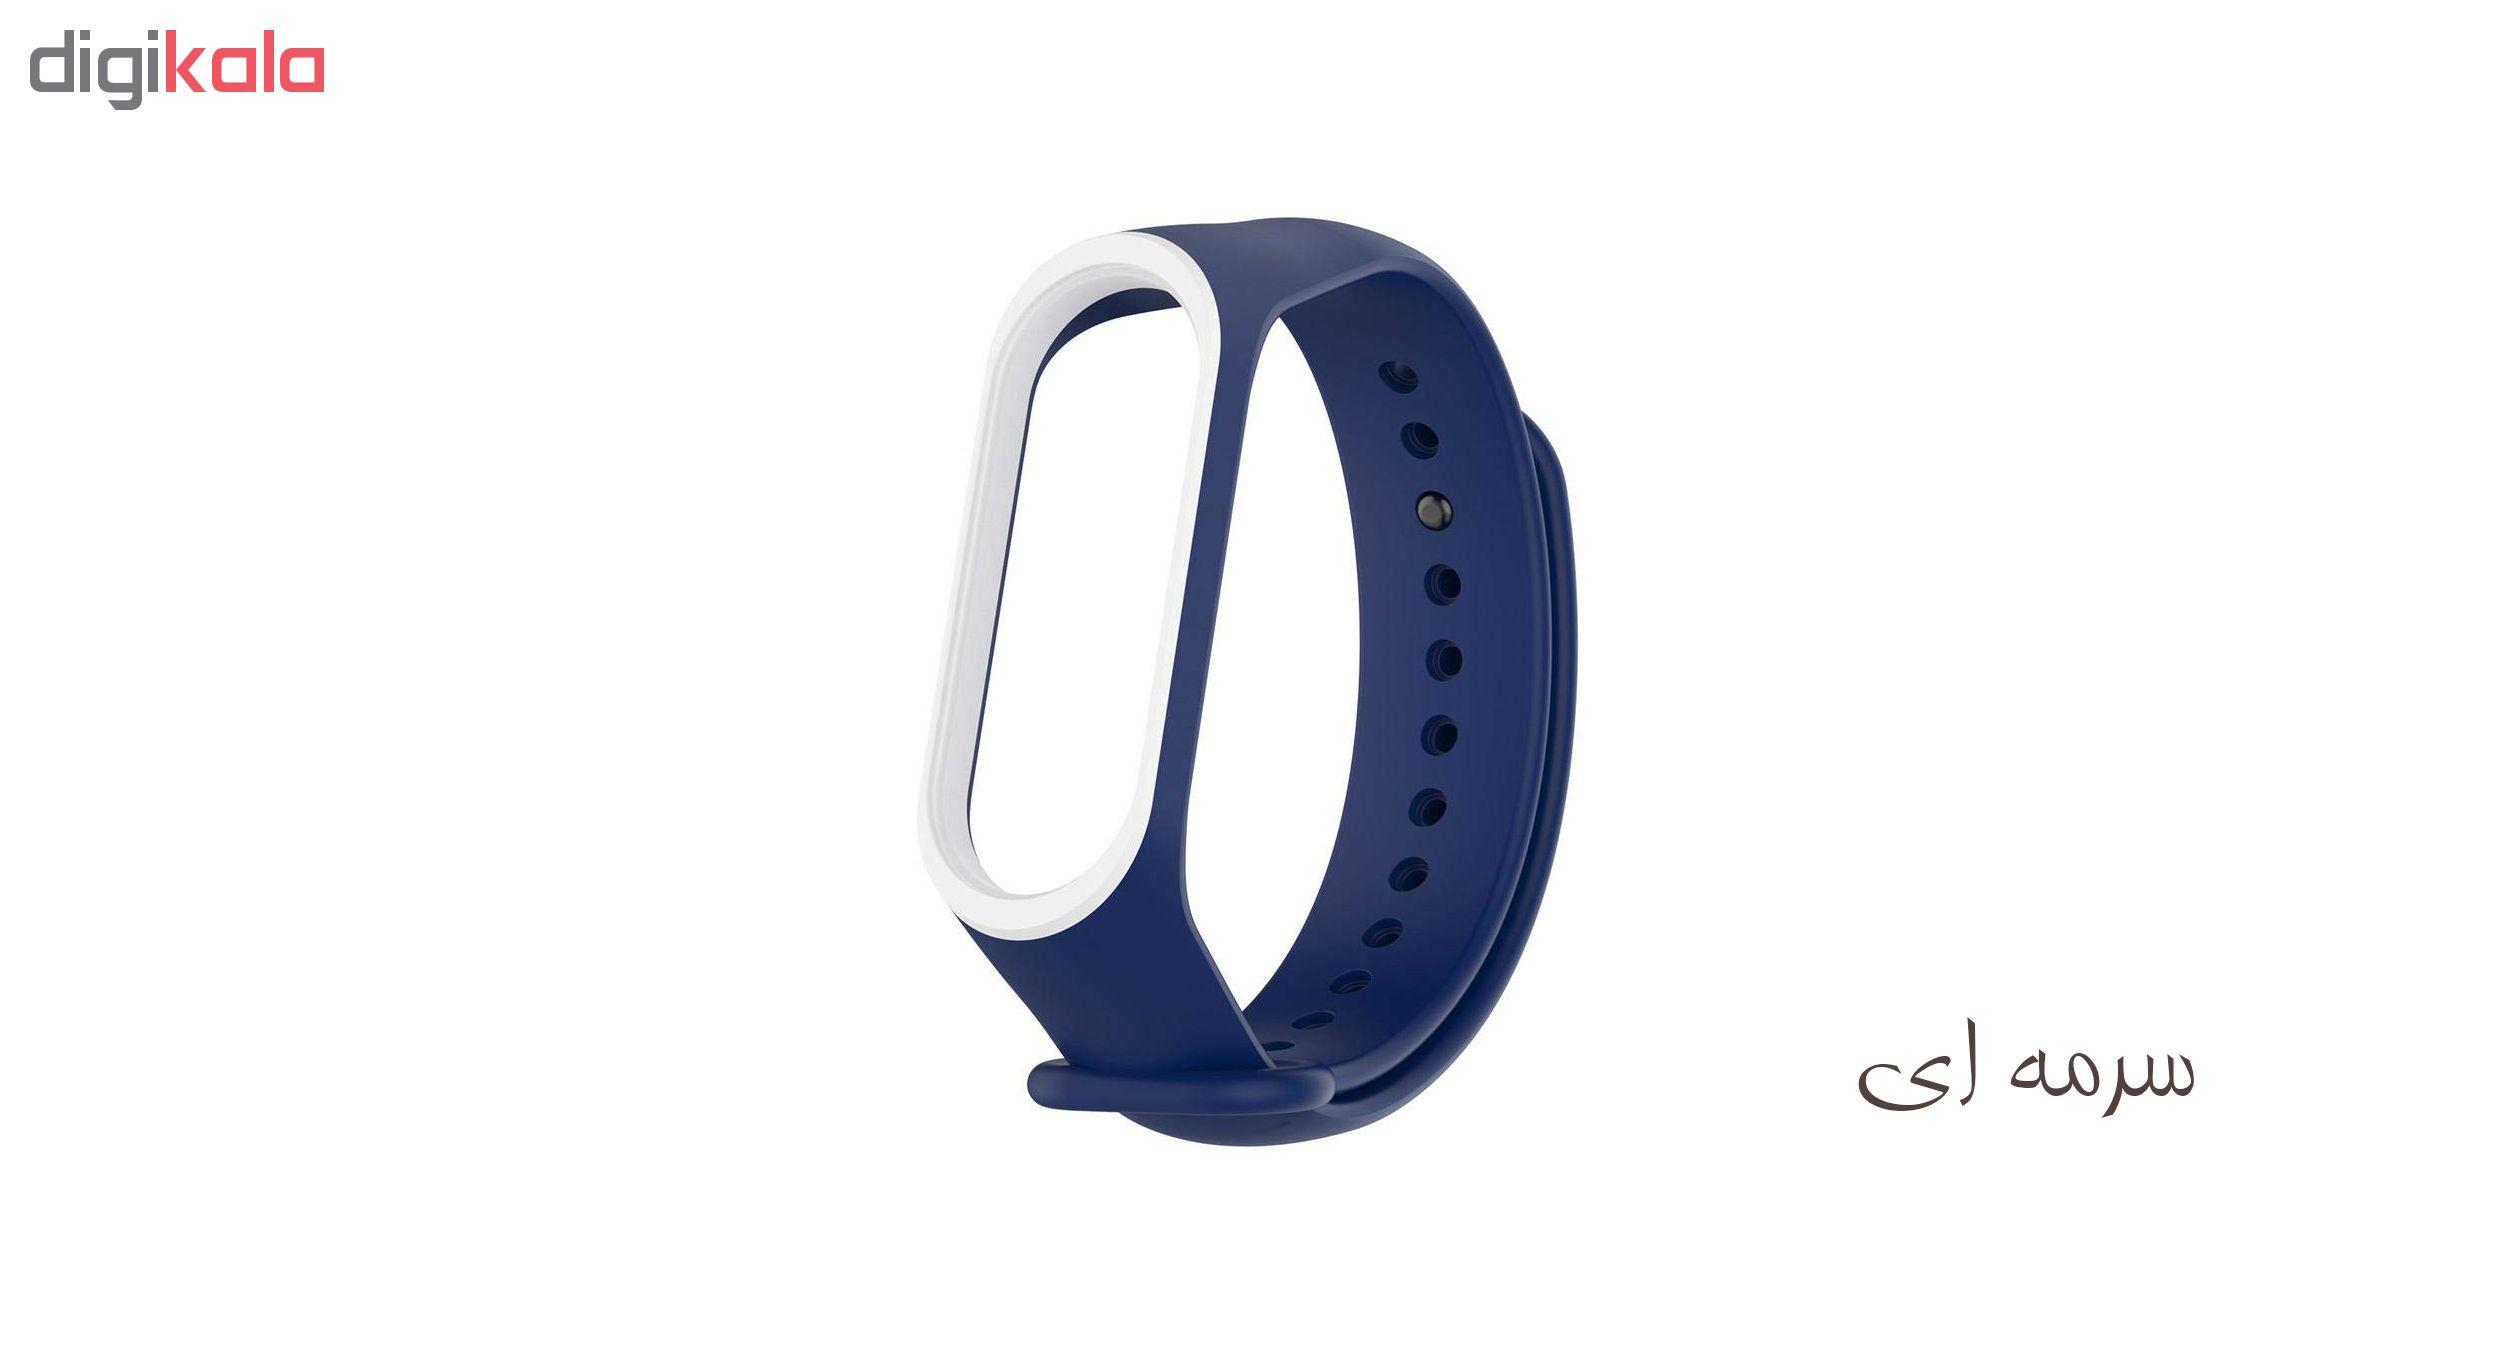 بند مچ بند هوشمند سومگ مدل SMG-S2 مناسب برای مچ بند هوشمند شیائومی Mi Band 3 و M3 main 1 5